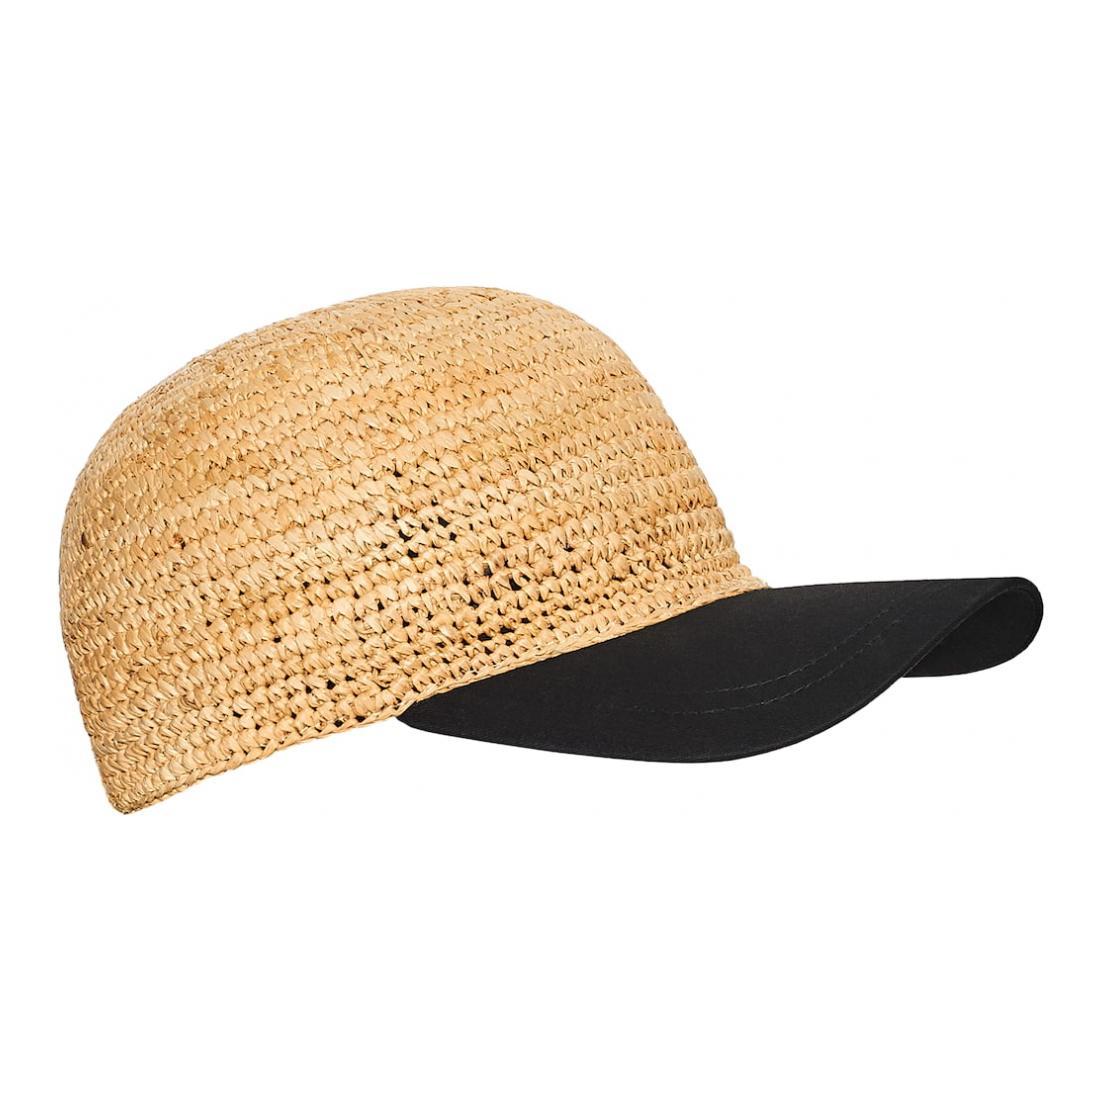 Opus Mützen Stirnband/Handschuhe Abowi cap